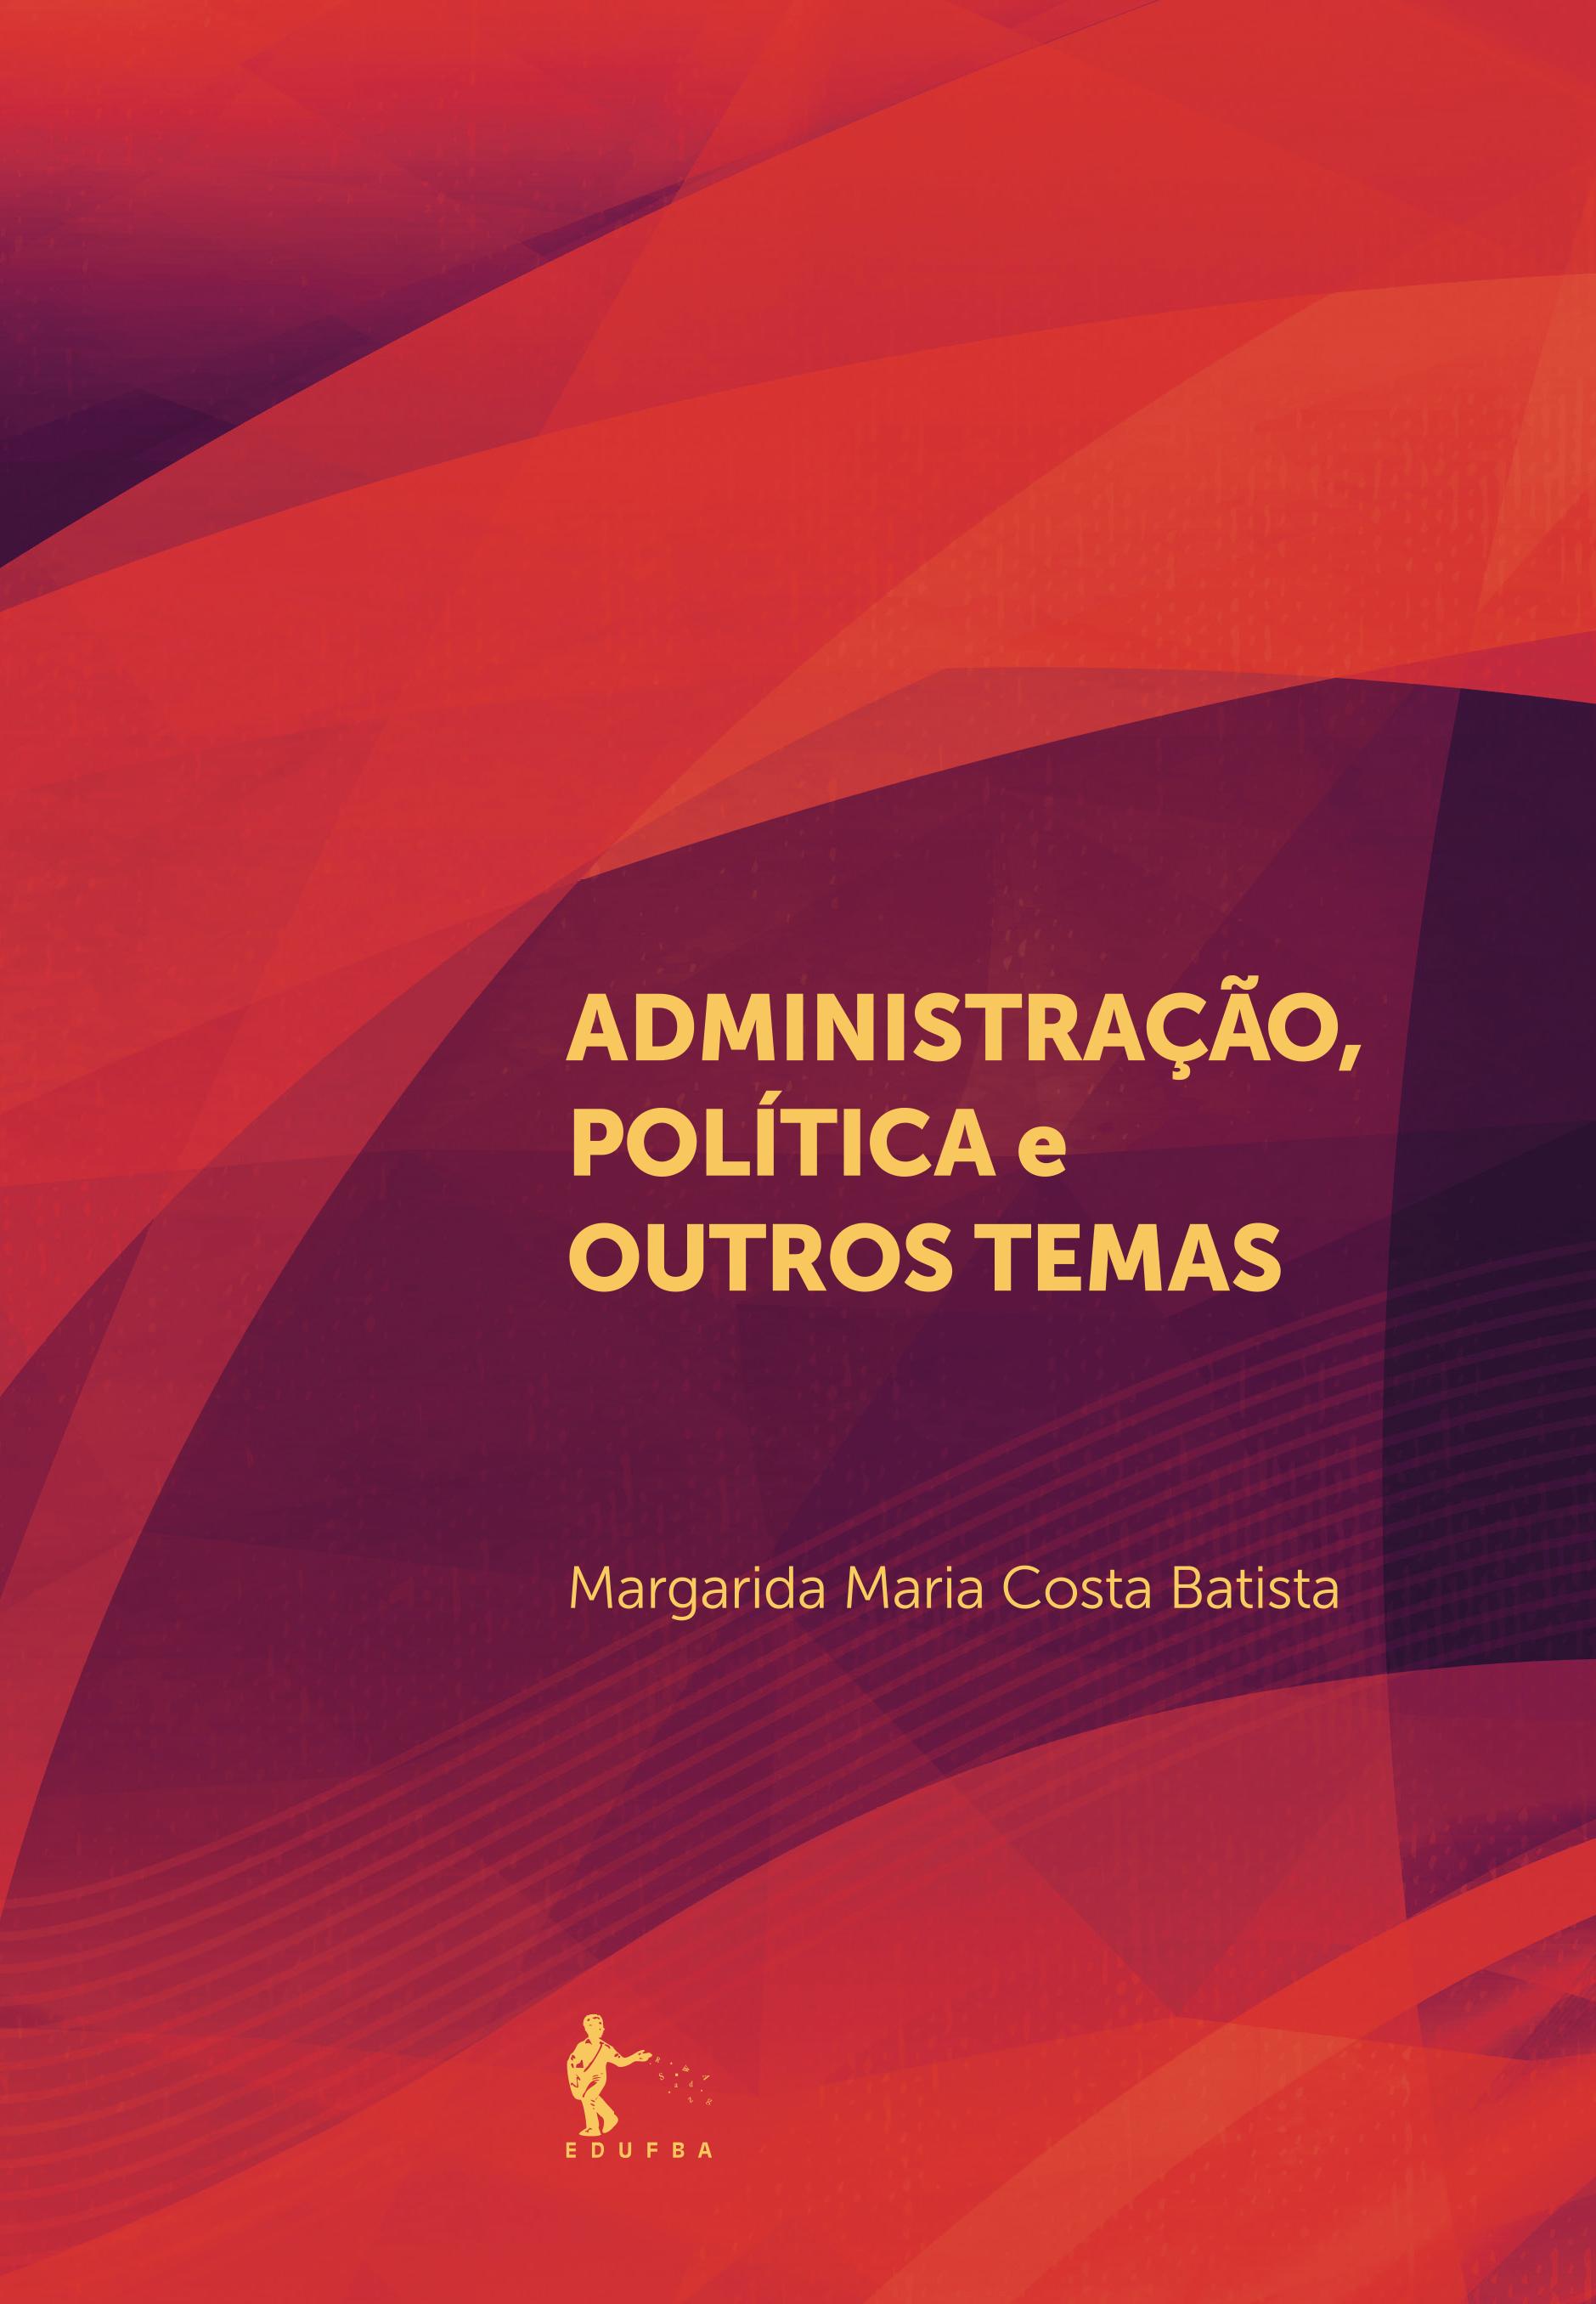 Administração, Política e Outros Temas, livro de Margarida Maria Costa Batista